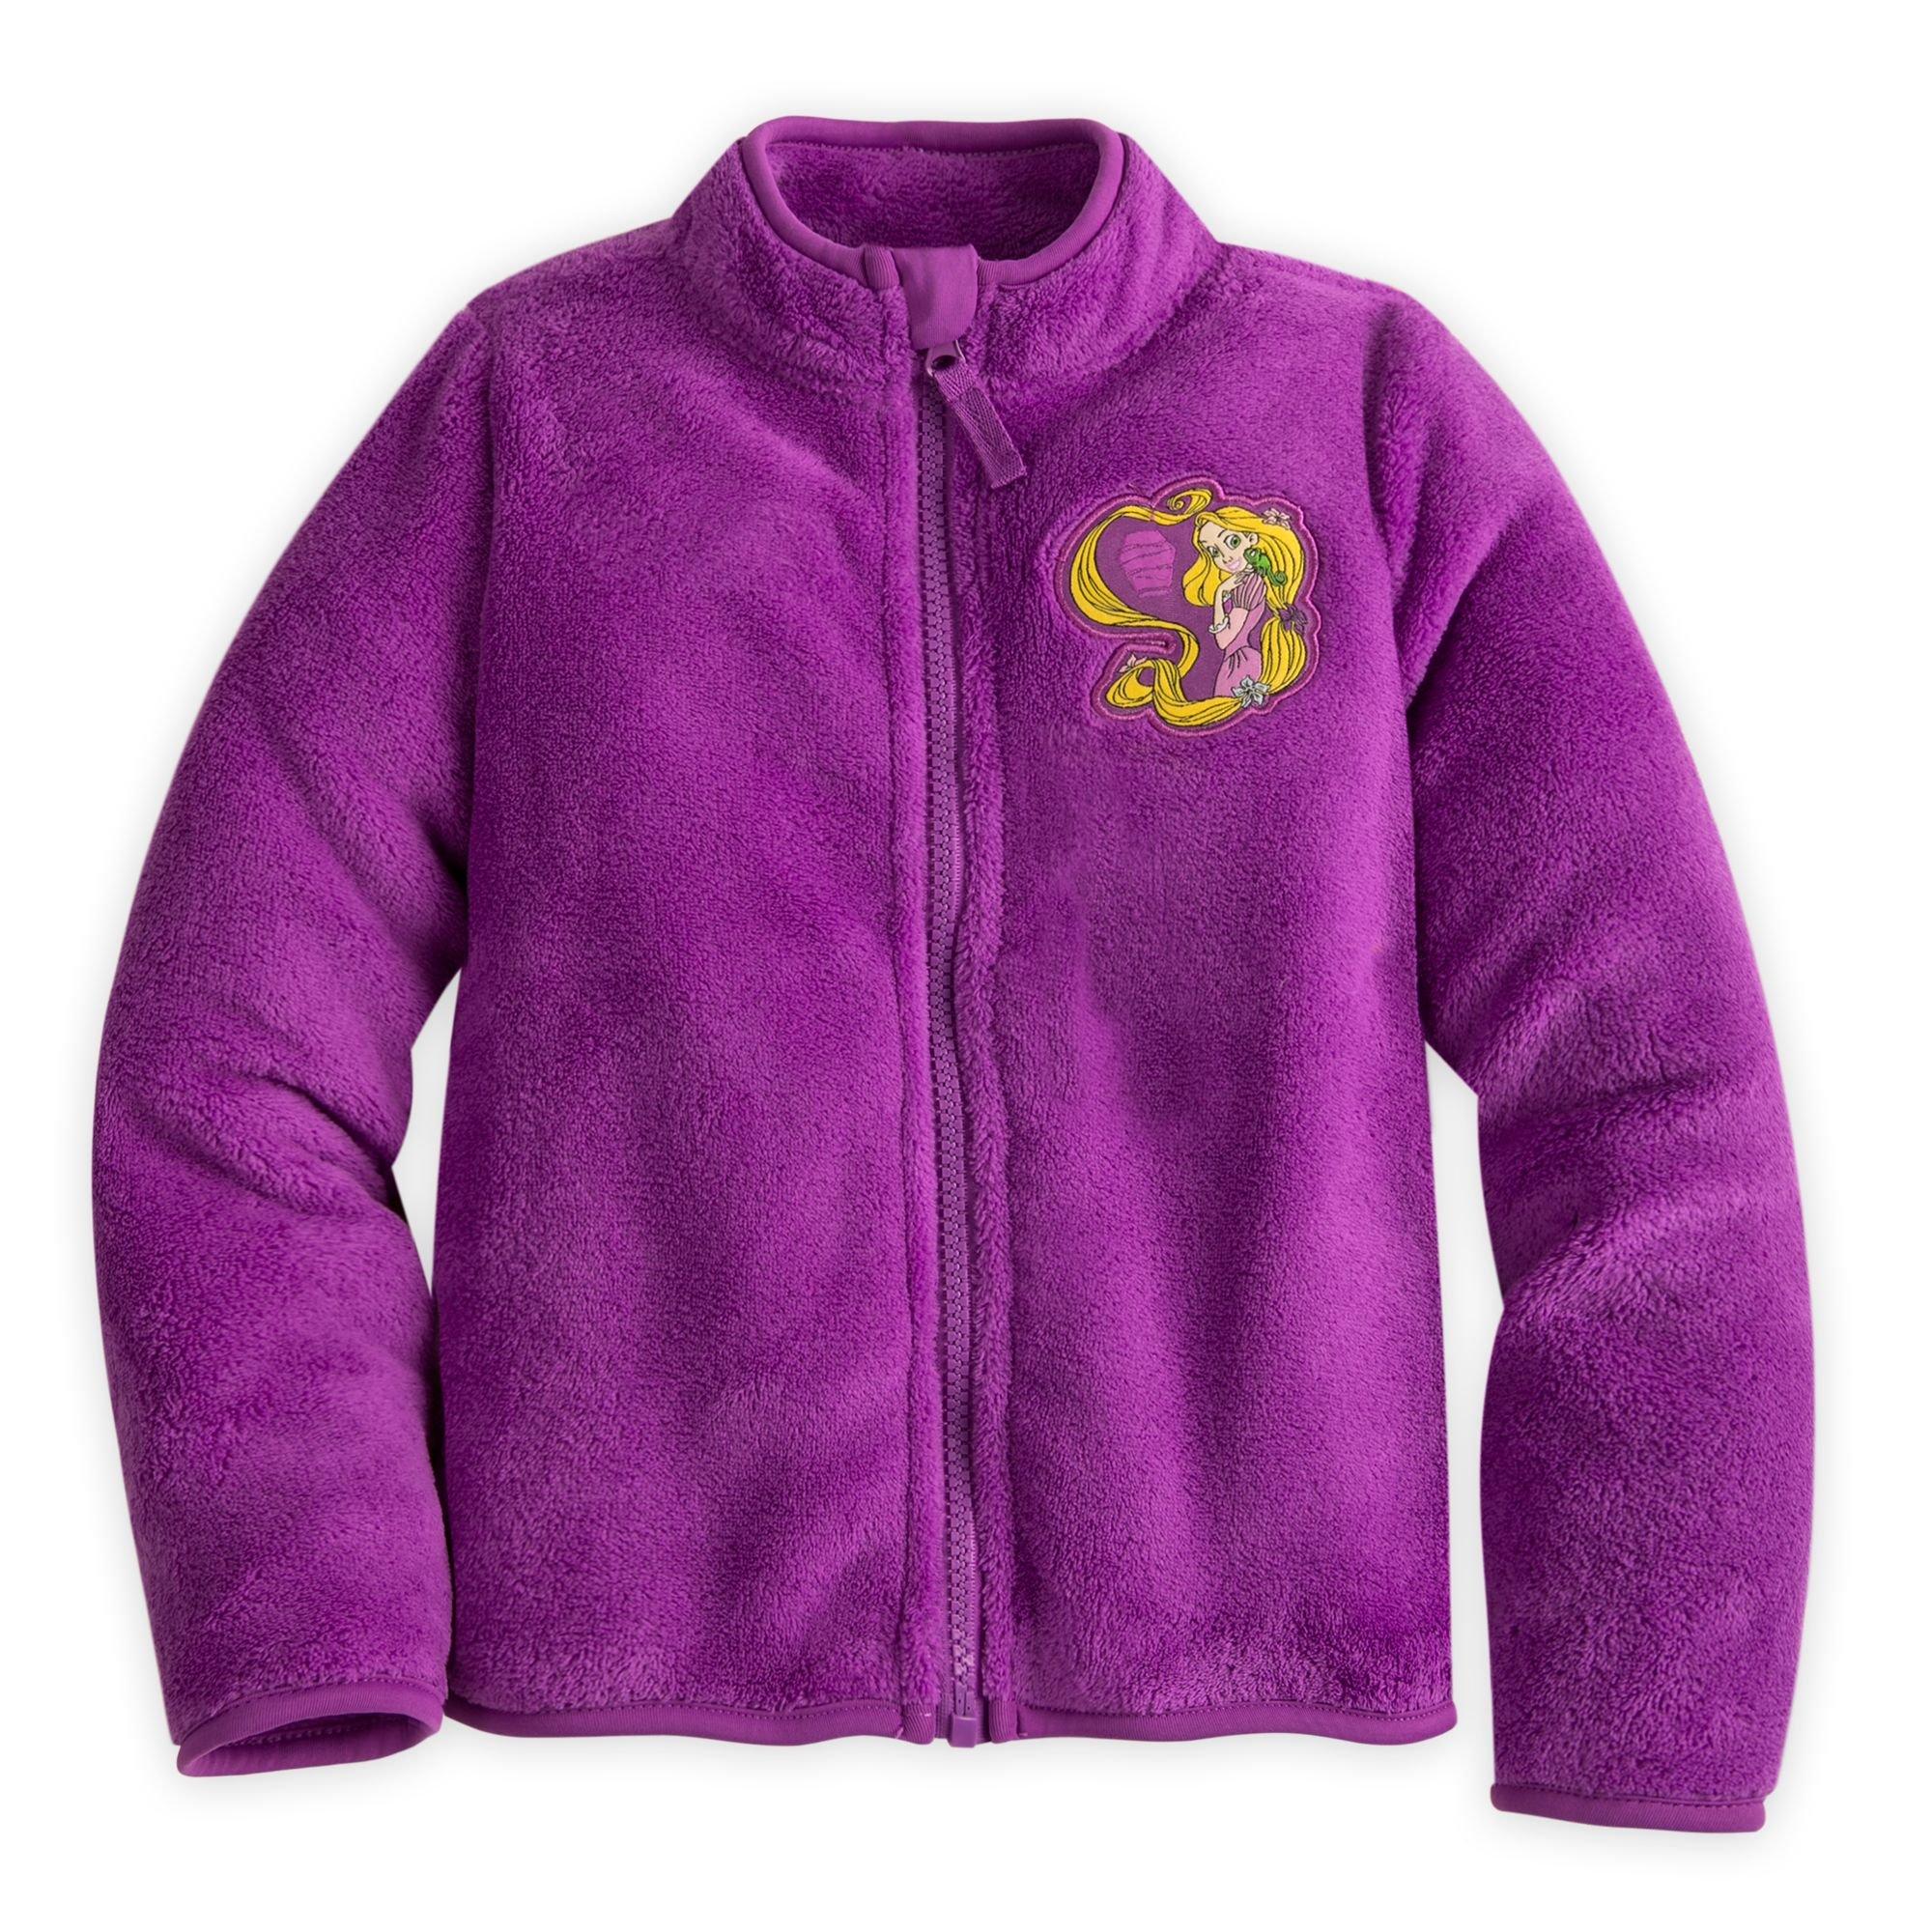 Disney Rapunzel Fleece Jacket for Girls Size 3 Purple by Disney